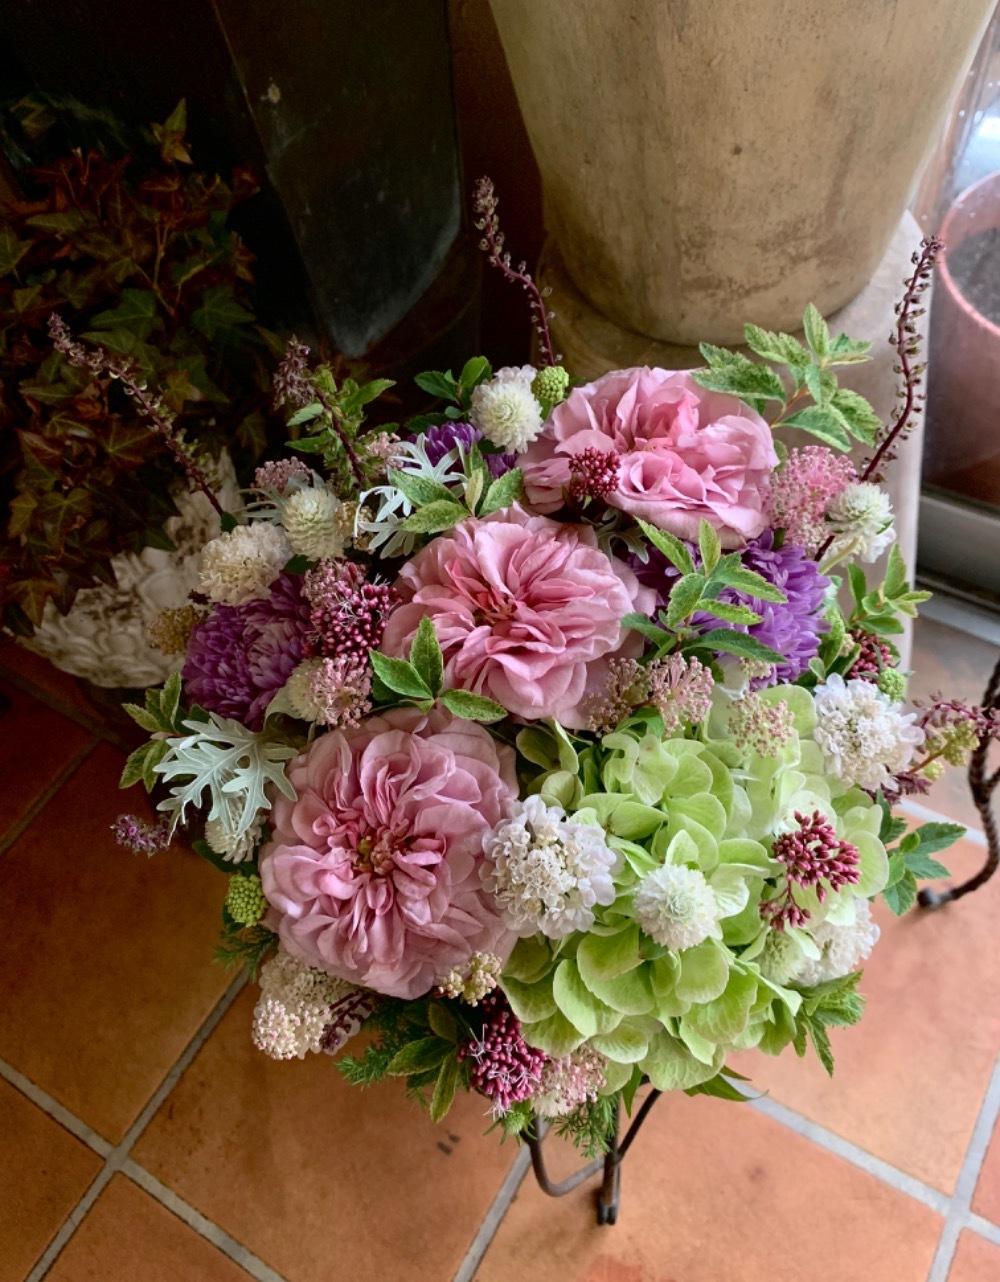 「心からのおめでとう」上品で華やかな開店祝い花